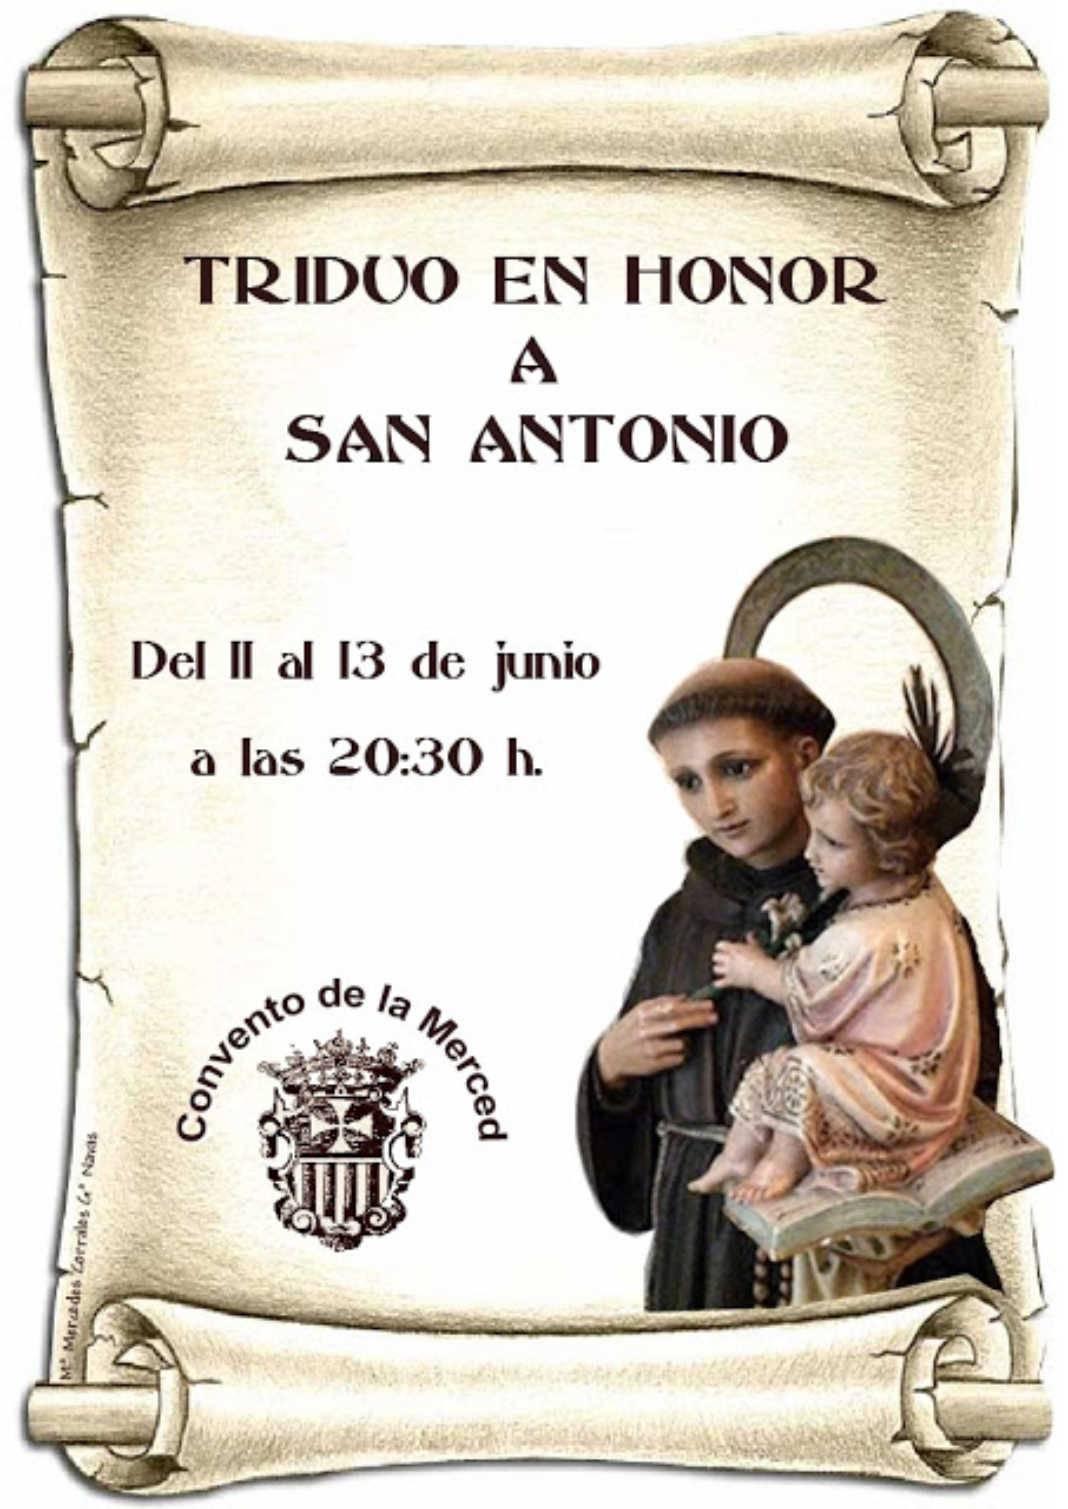 triduo san antonio  1068x1509 - Triduo en honor a San Antonio del 11 al 13 de junio